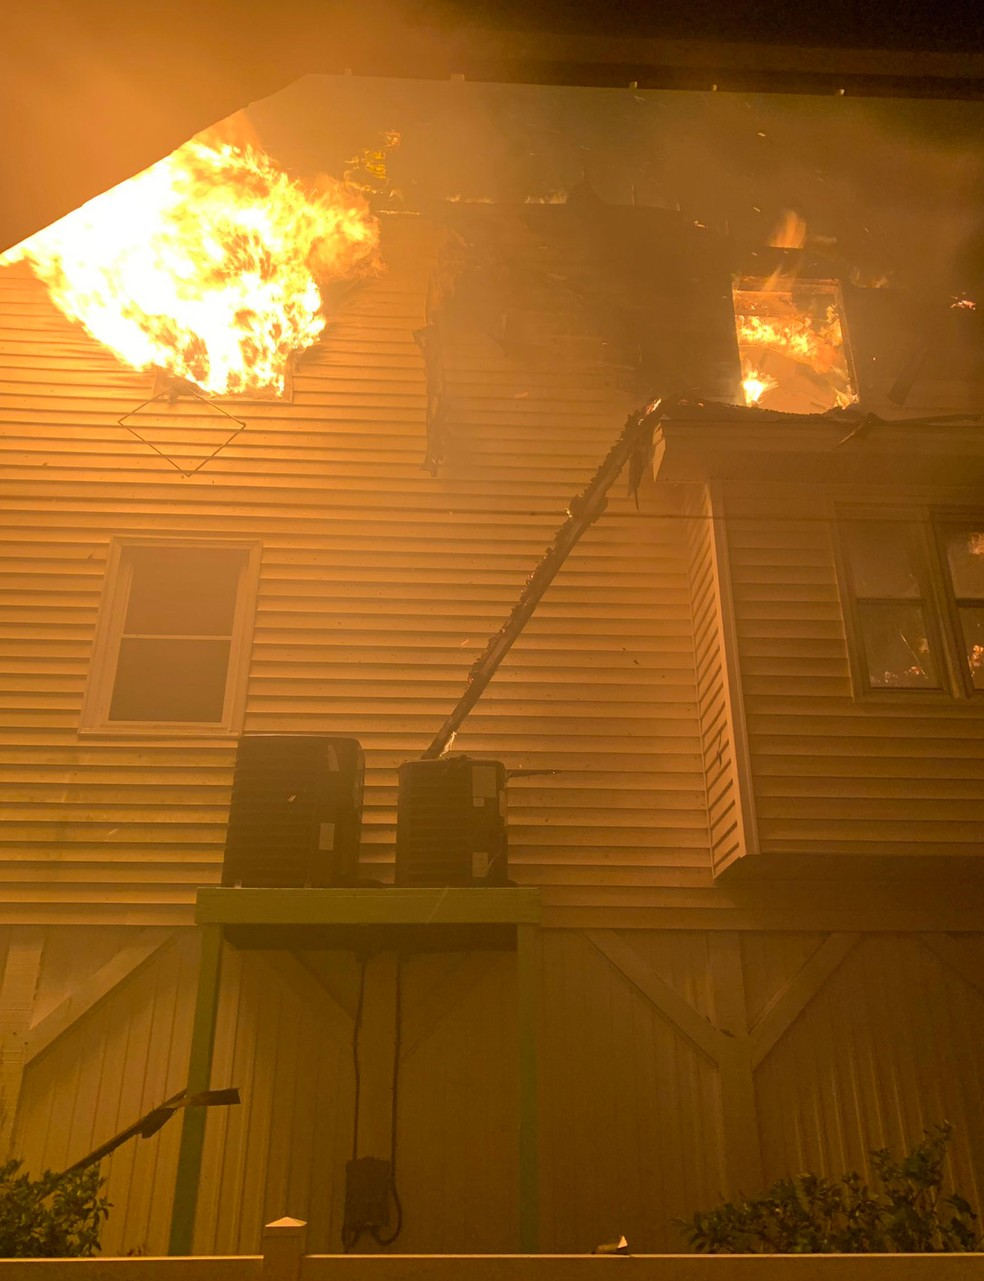 Passagem do furacão Isaías provocou incêndio em Ocean Isle Beach, Carolina do Norte, nesta terça-feira (4)  — Foto: Horry County Fire Rescue via AP